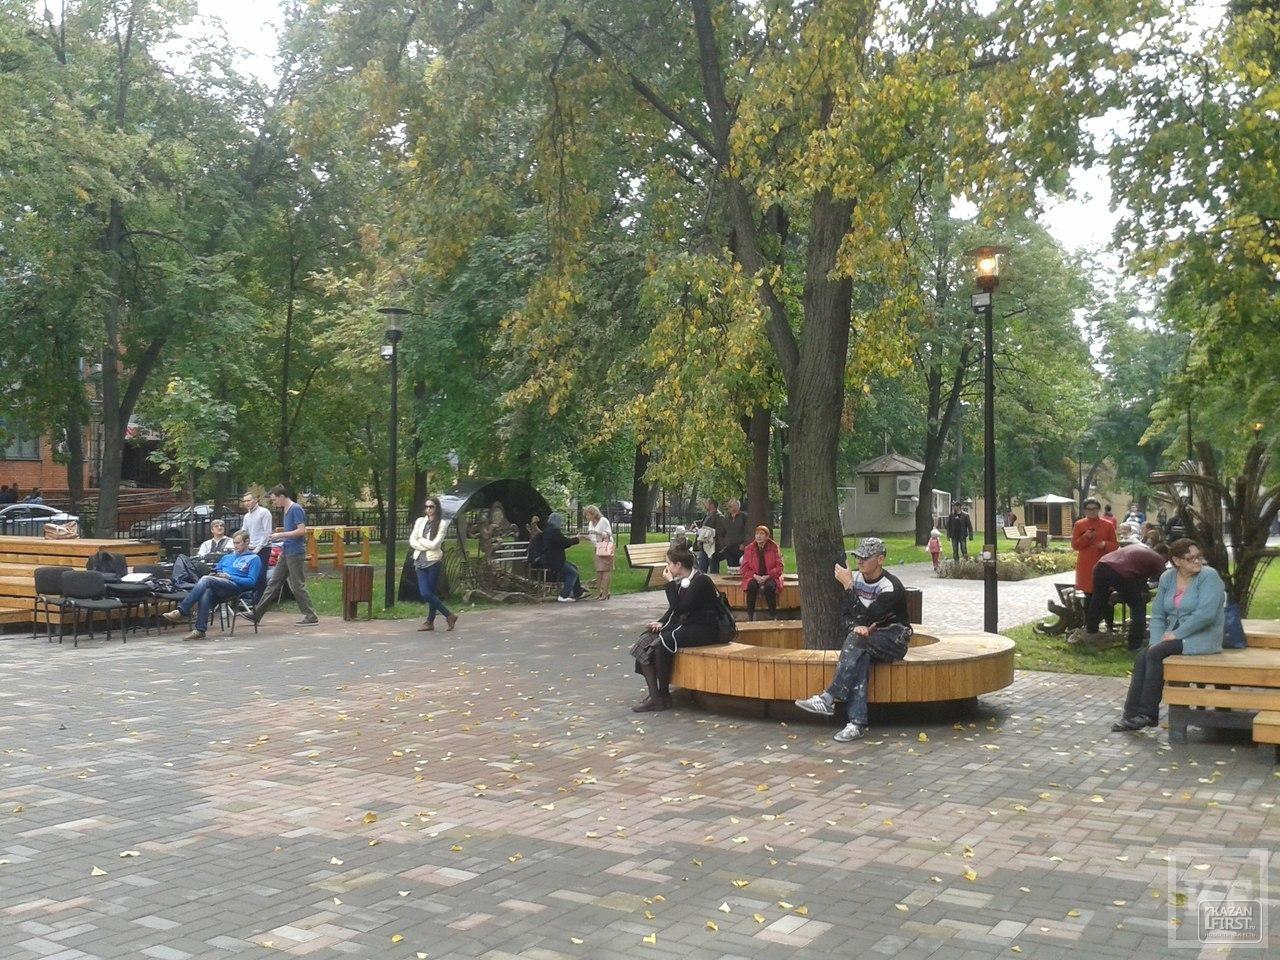 Фестиваль «Дни парков и скверов» в Казани: инсталляции с открытия ЧМ-2015, «ожившие» статуи и живая музыка